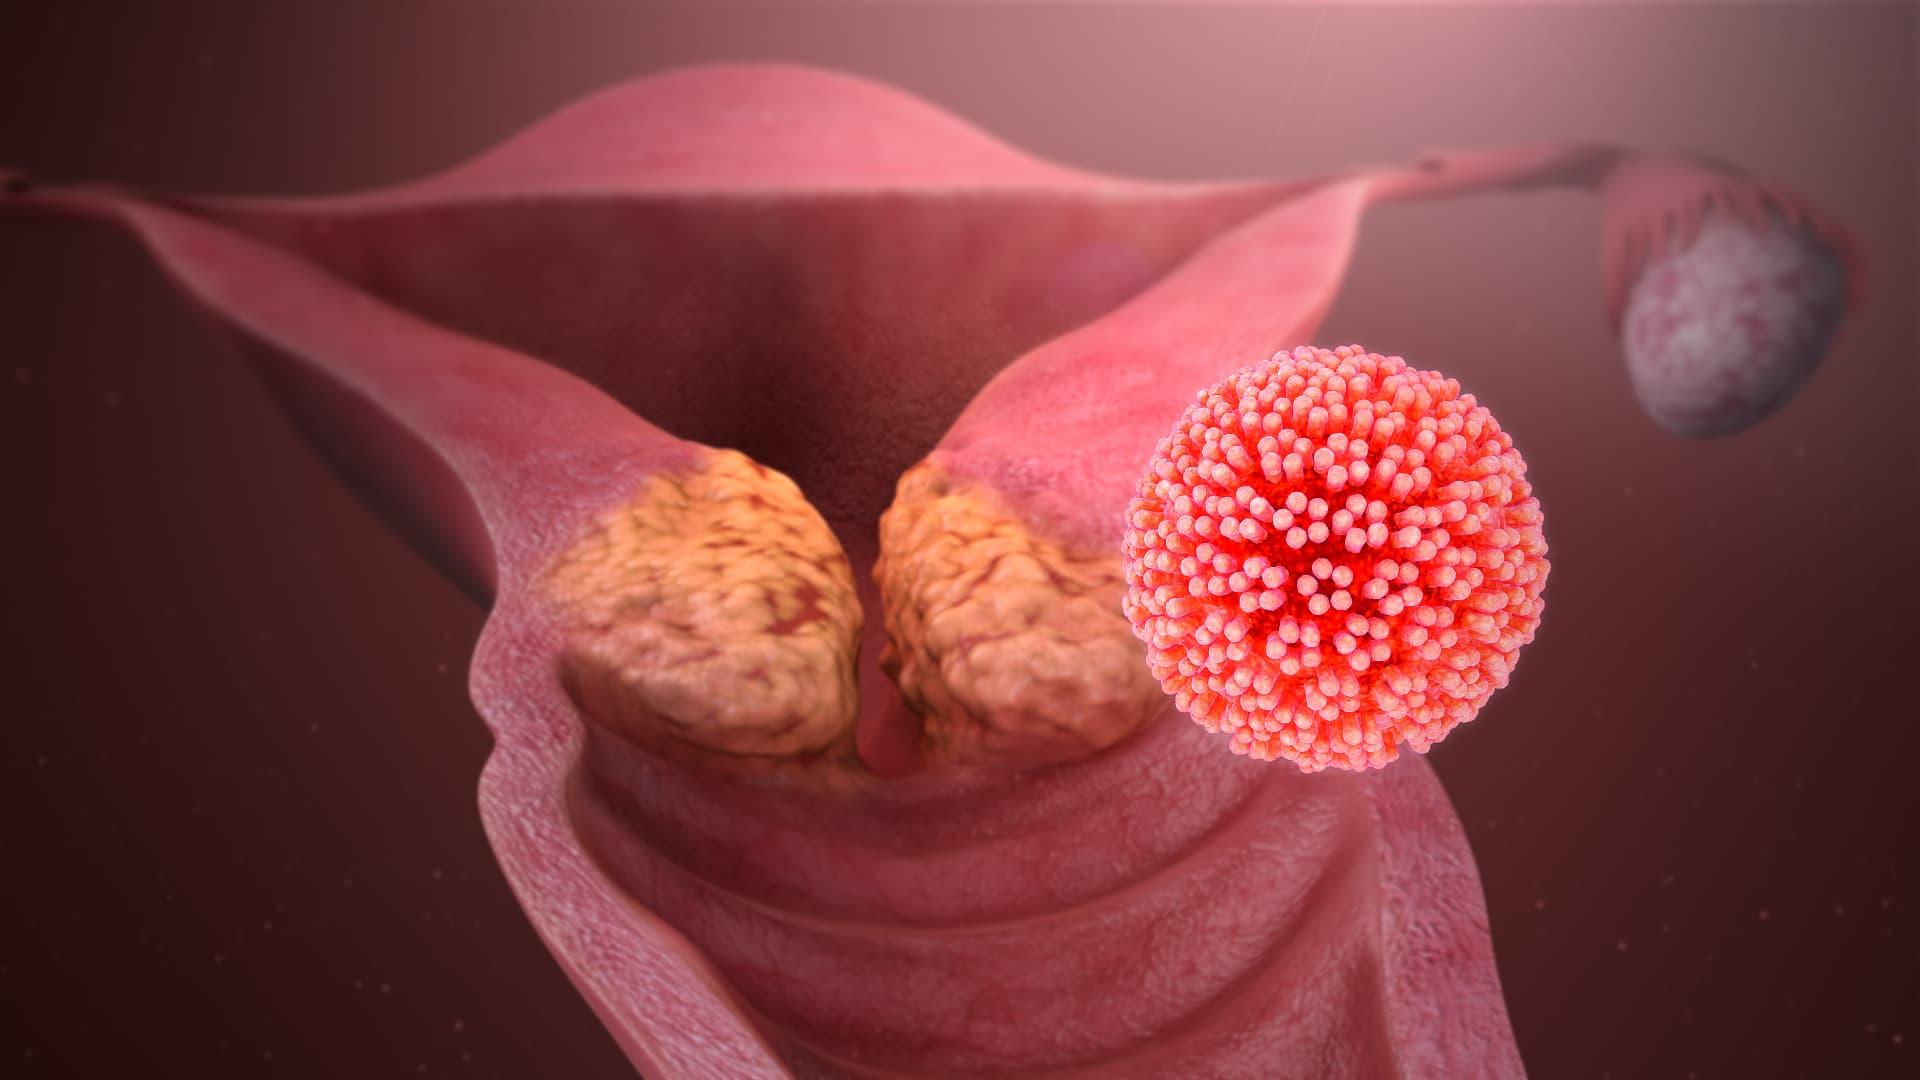 papilloma virus colposcopia positiva enterobius vermicularis phylum